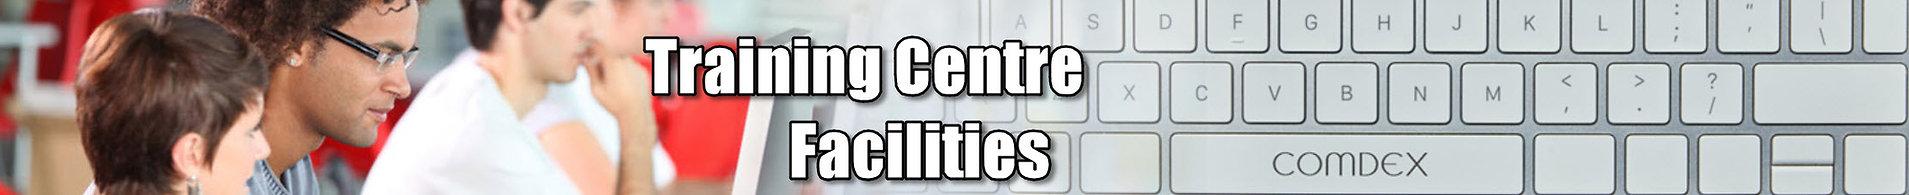 Training Centre Facilities Kboard.jpg